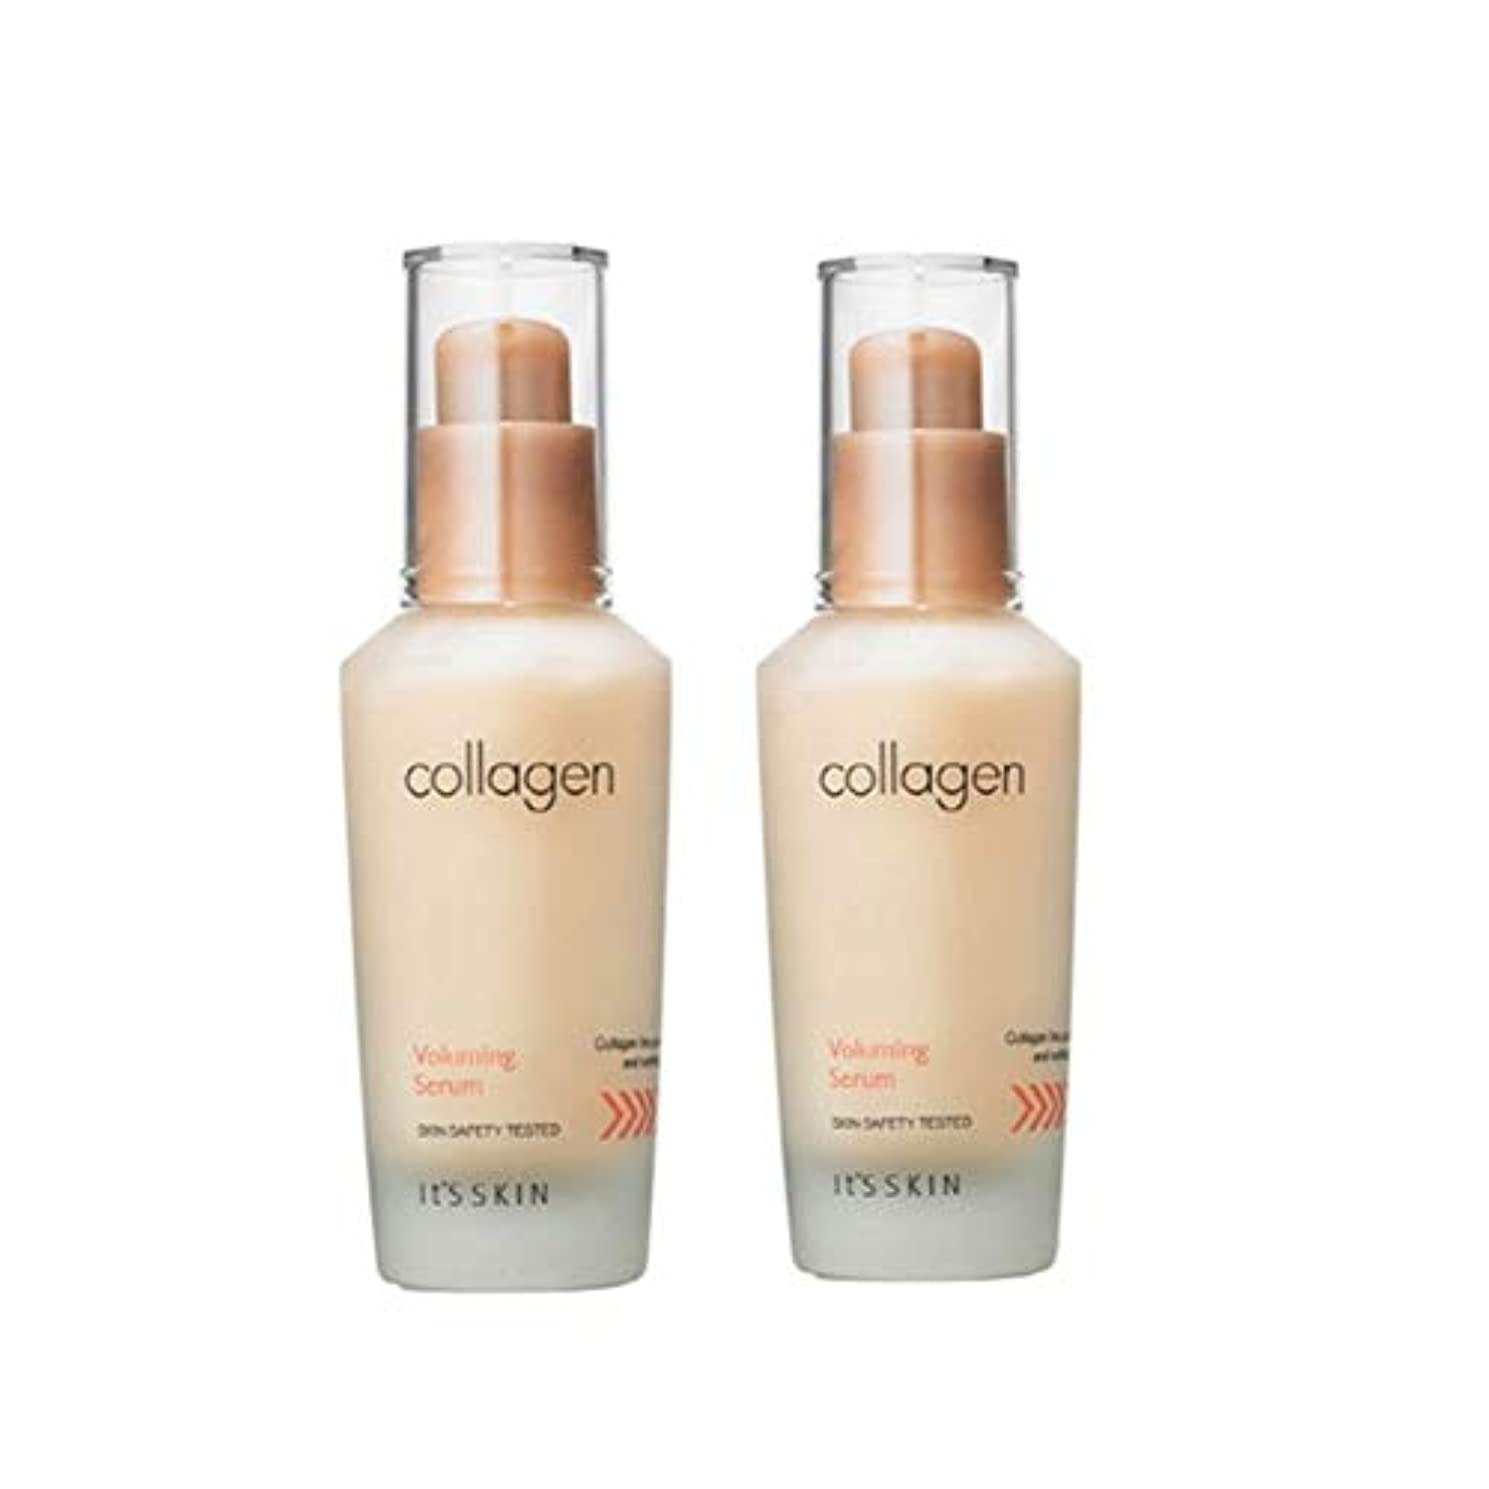 キャリッジレーザ夢イッツスキンコラーゲン弾力セラム40ml x 2本セット、It's Skin Collagen Voluming Serum 40ml x 2ea Set [並行輸入品]